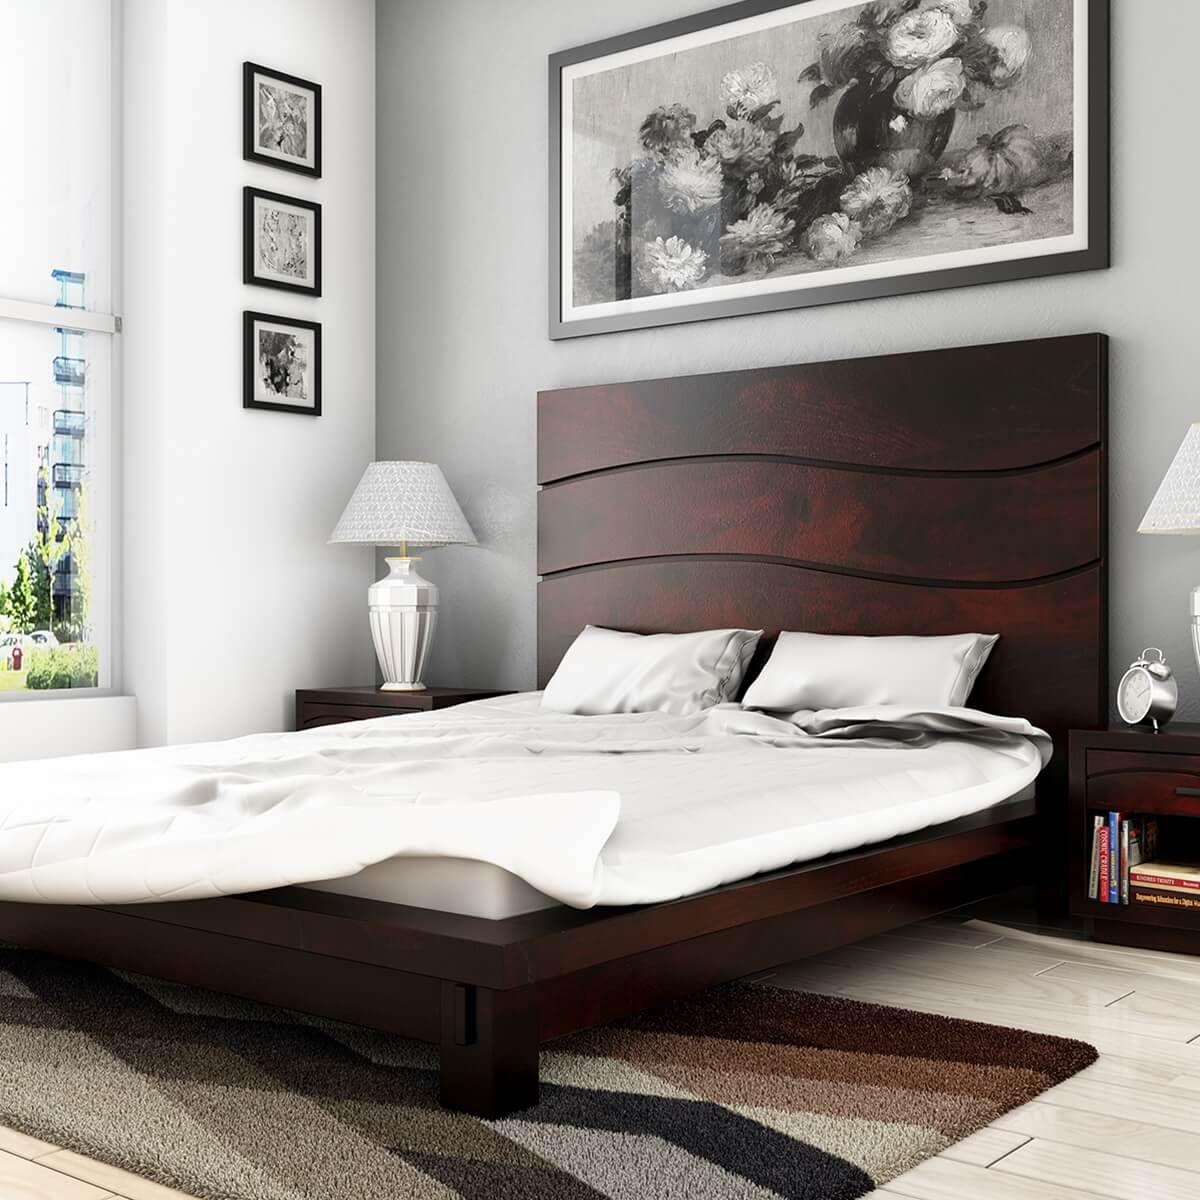 The Santa Barbara Solid Wood High Headboard Platform Bed Makes A